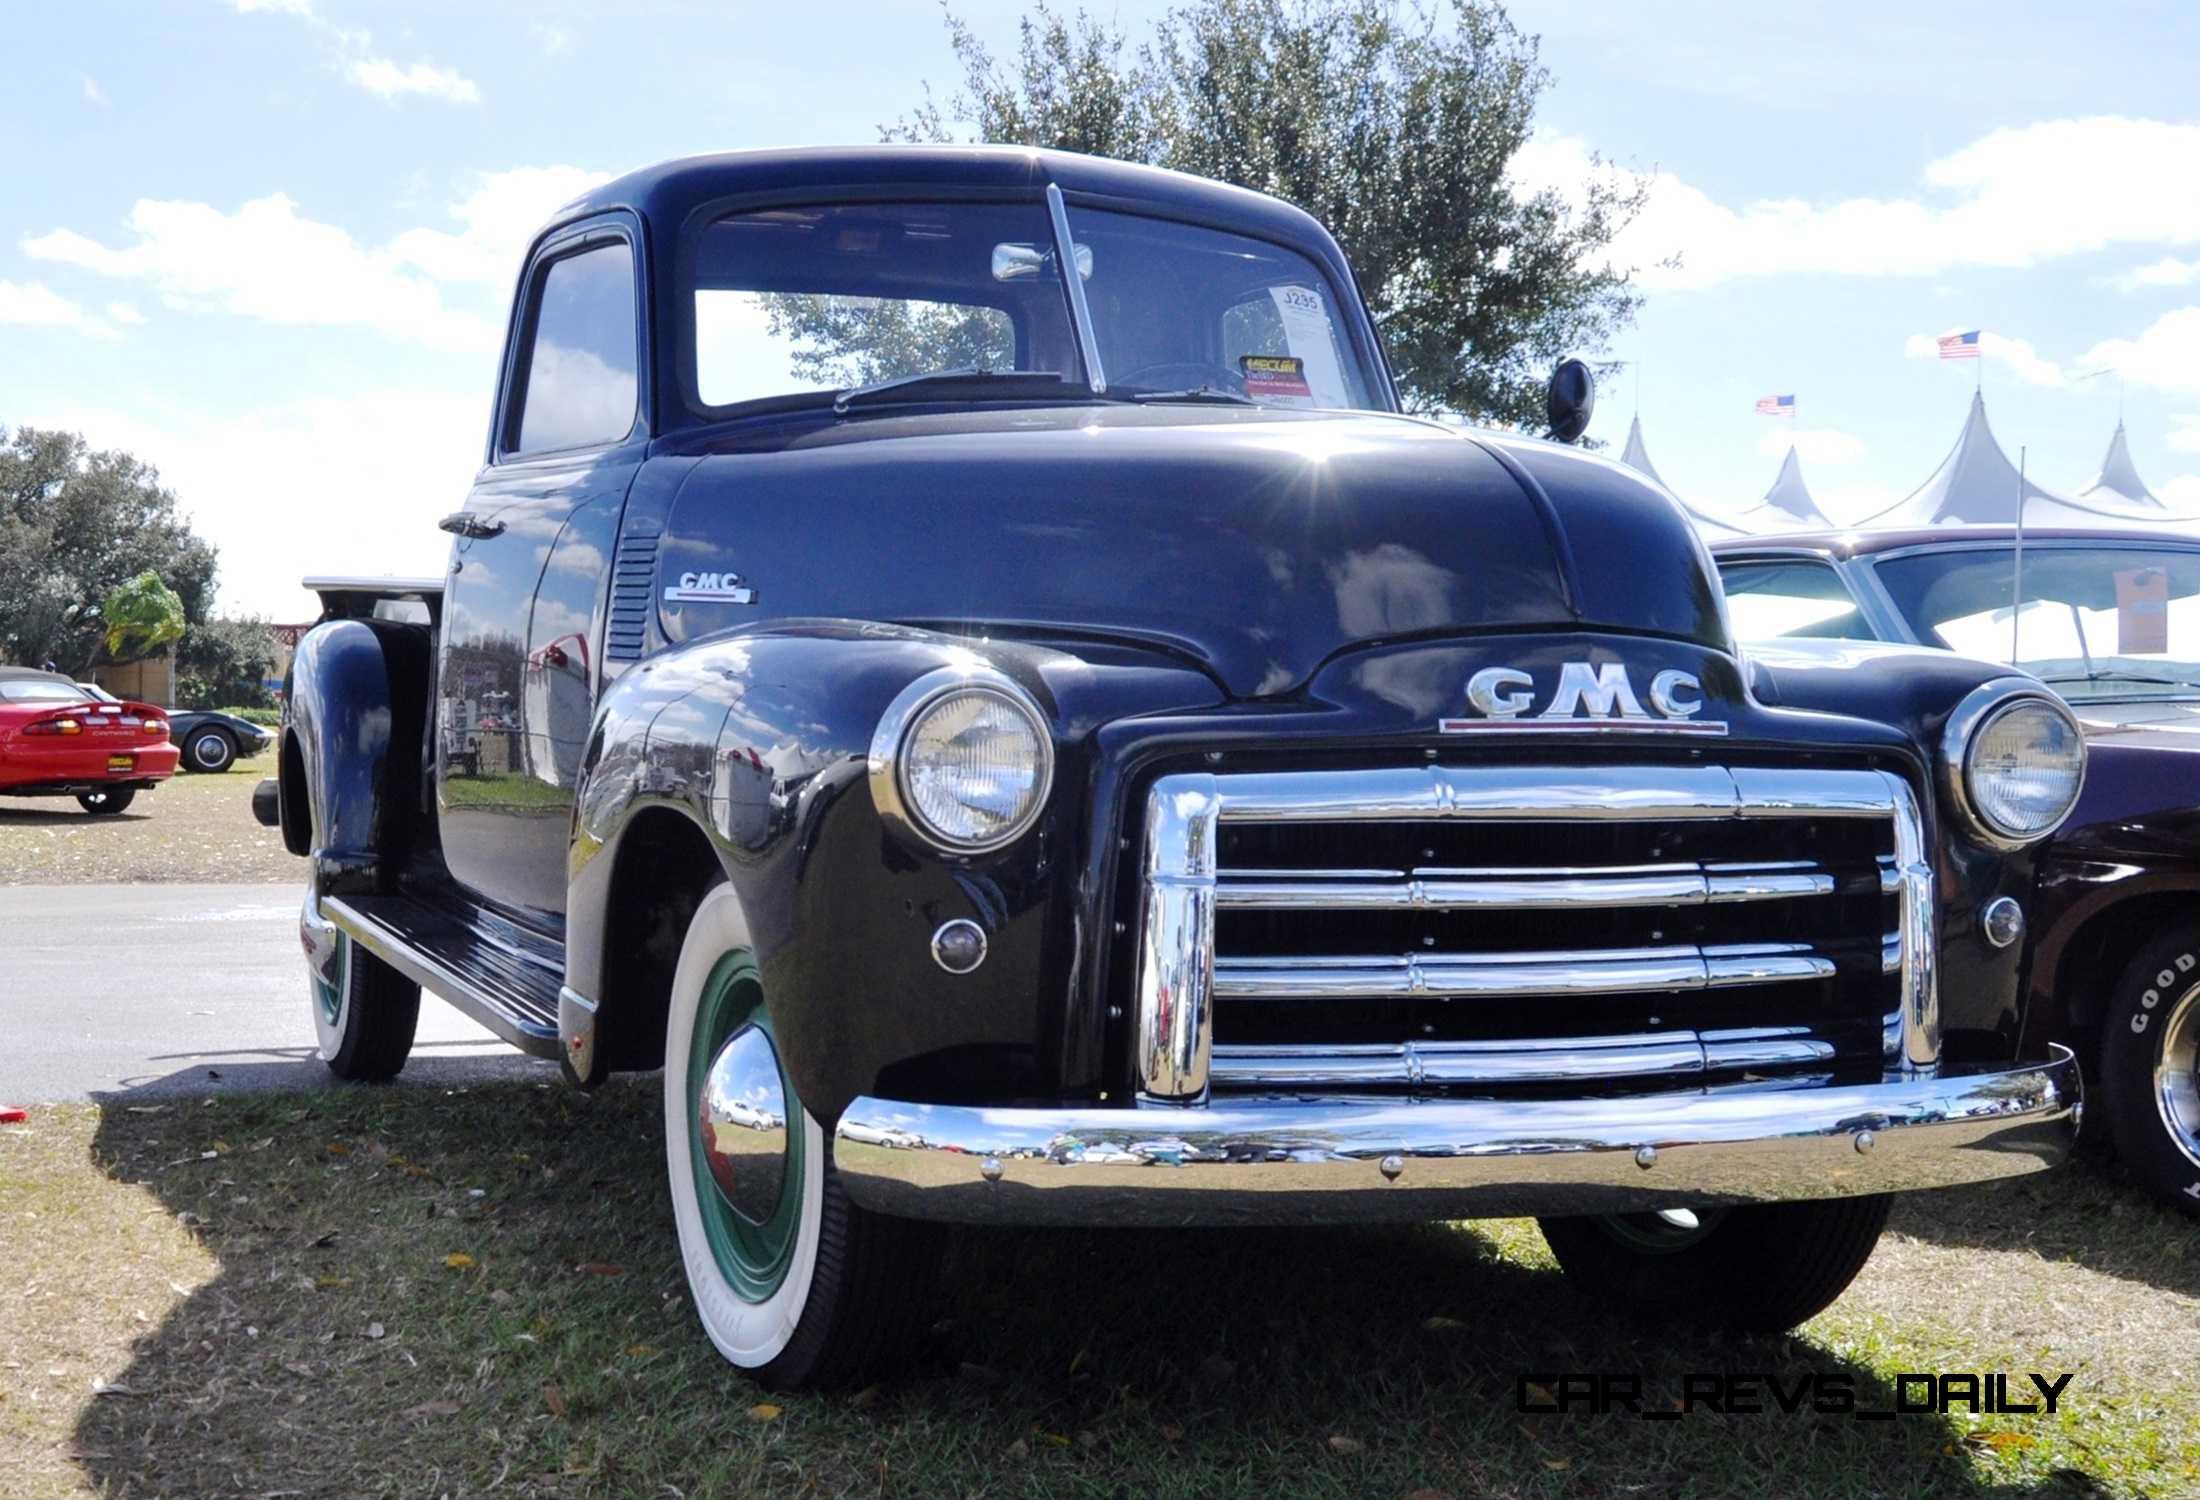 1946 gmc pickup truck 7. Black Bedroom Furniture Sets. Home Design Ideas